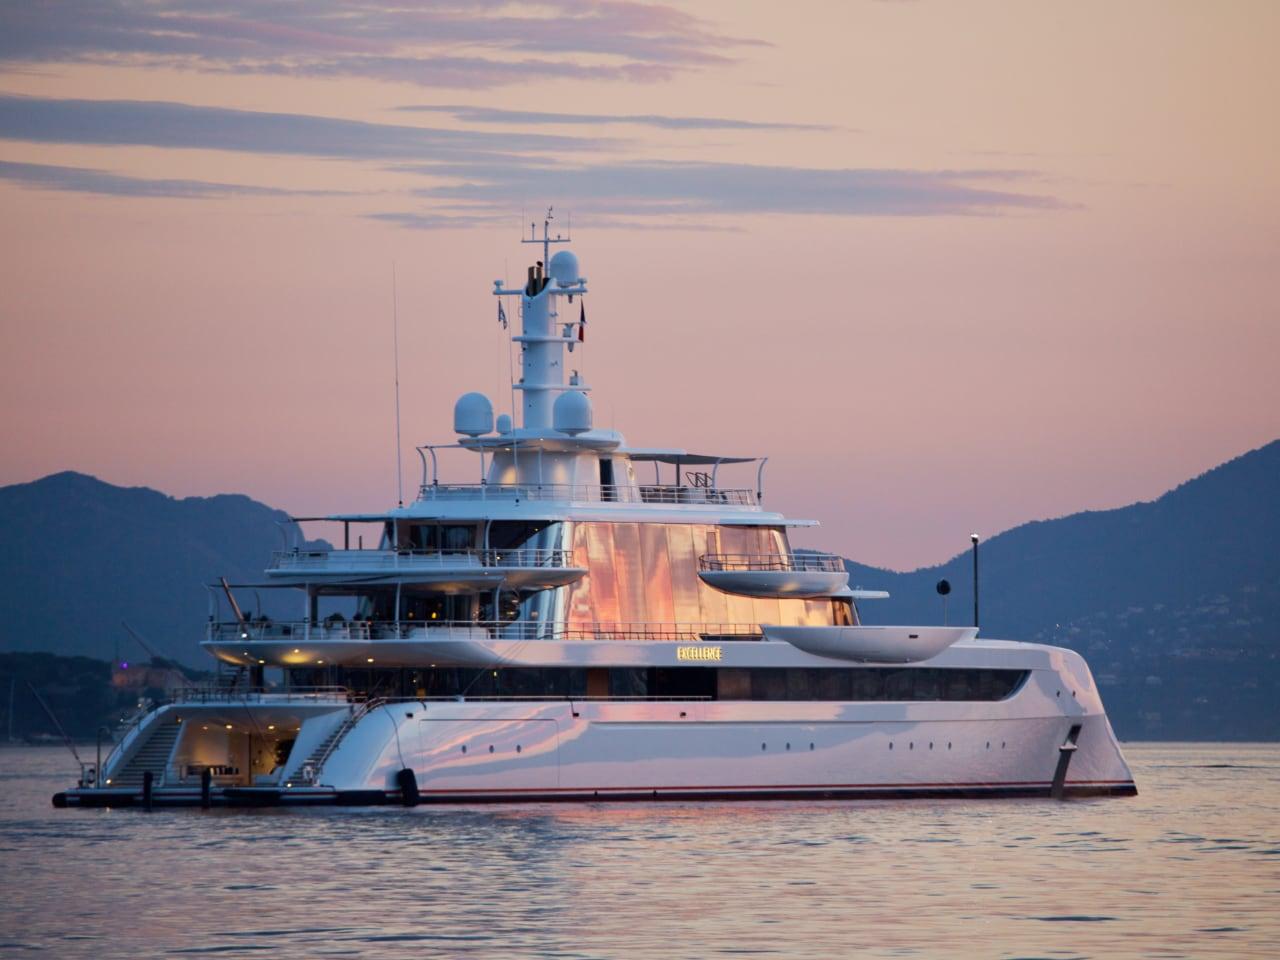 суперяхта Excellence yacht